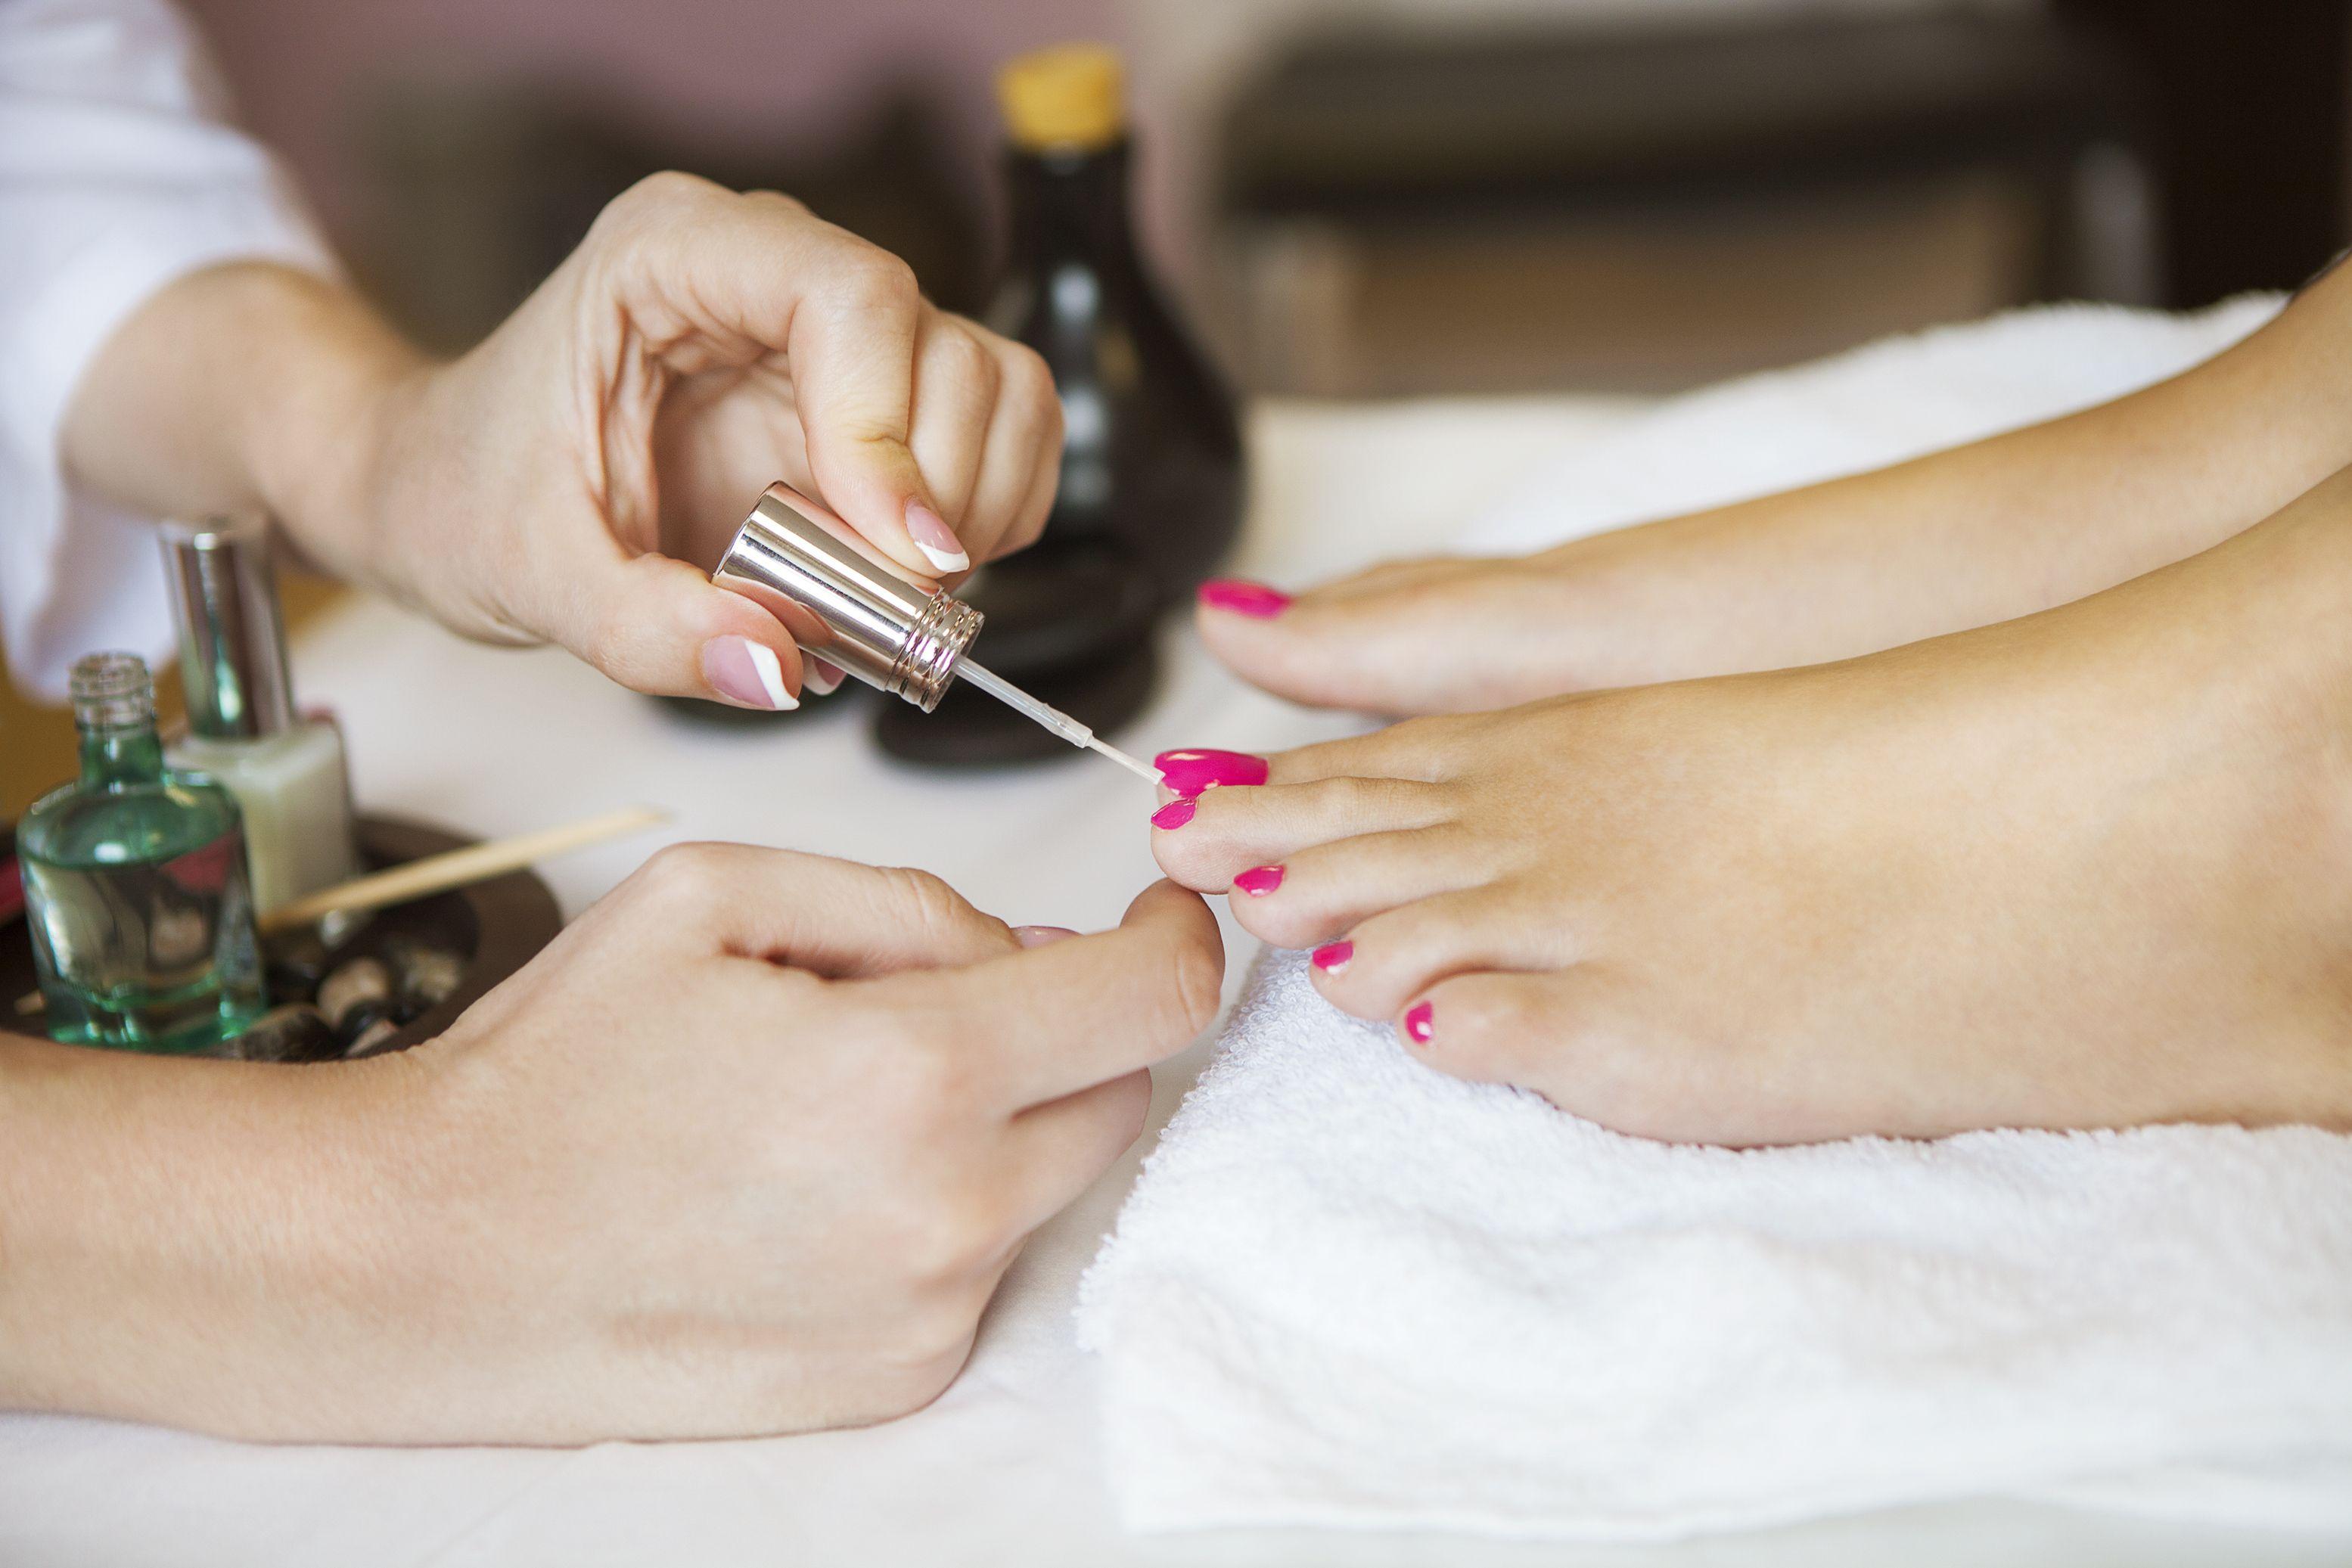 Pies: Servicios y tratamientos de Peluquería y Estética Amaia